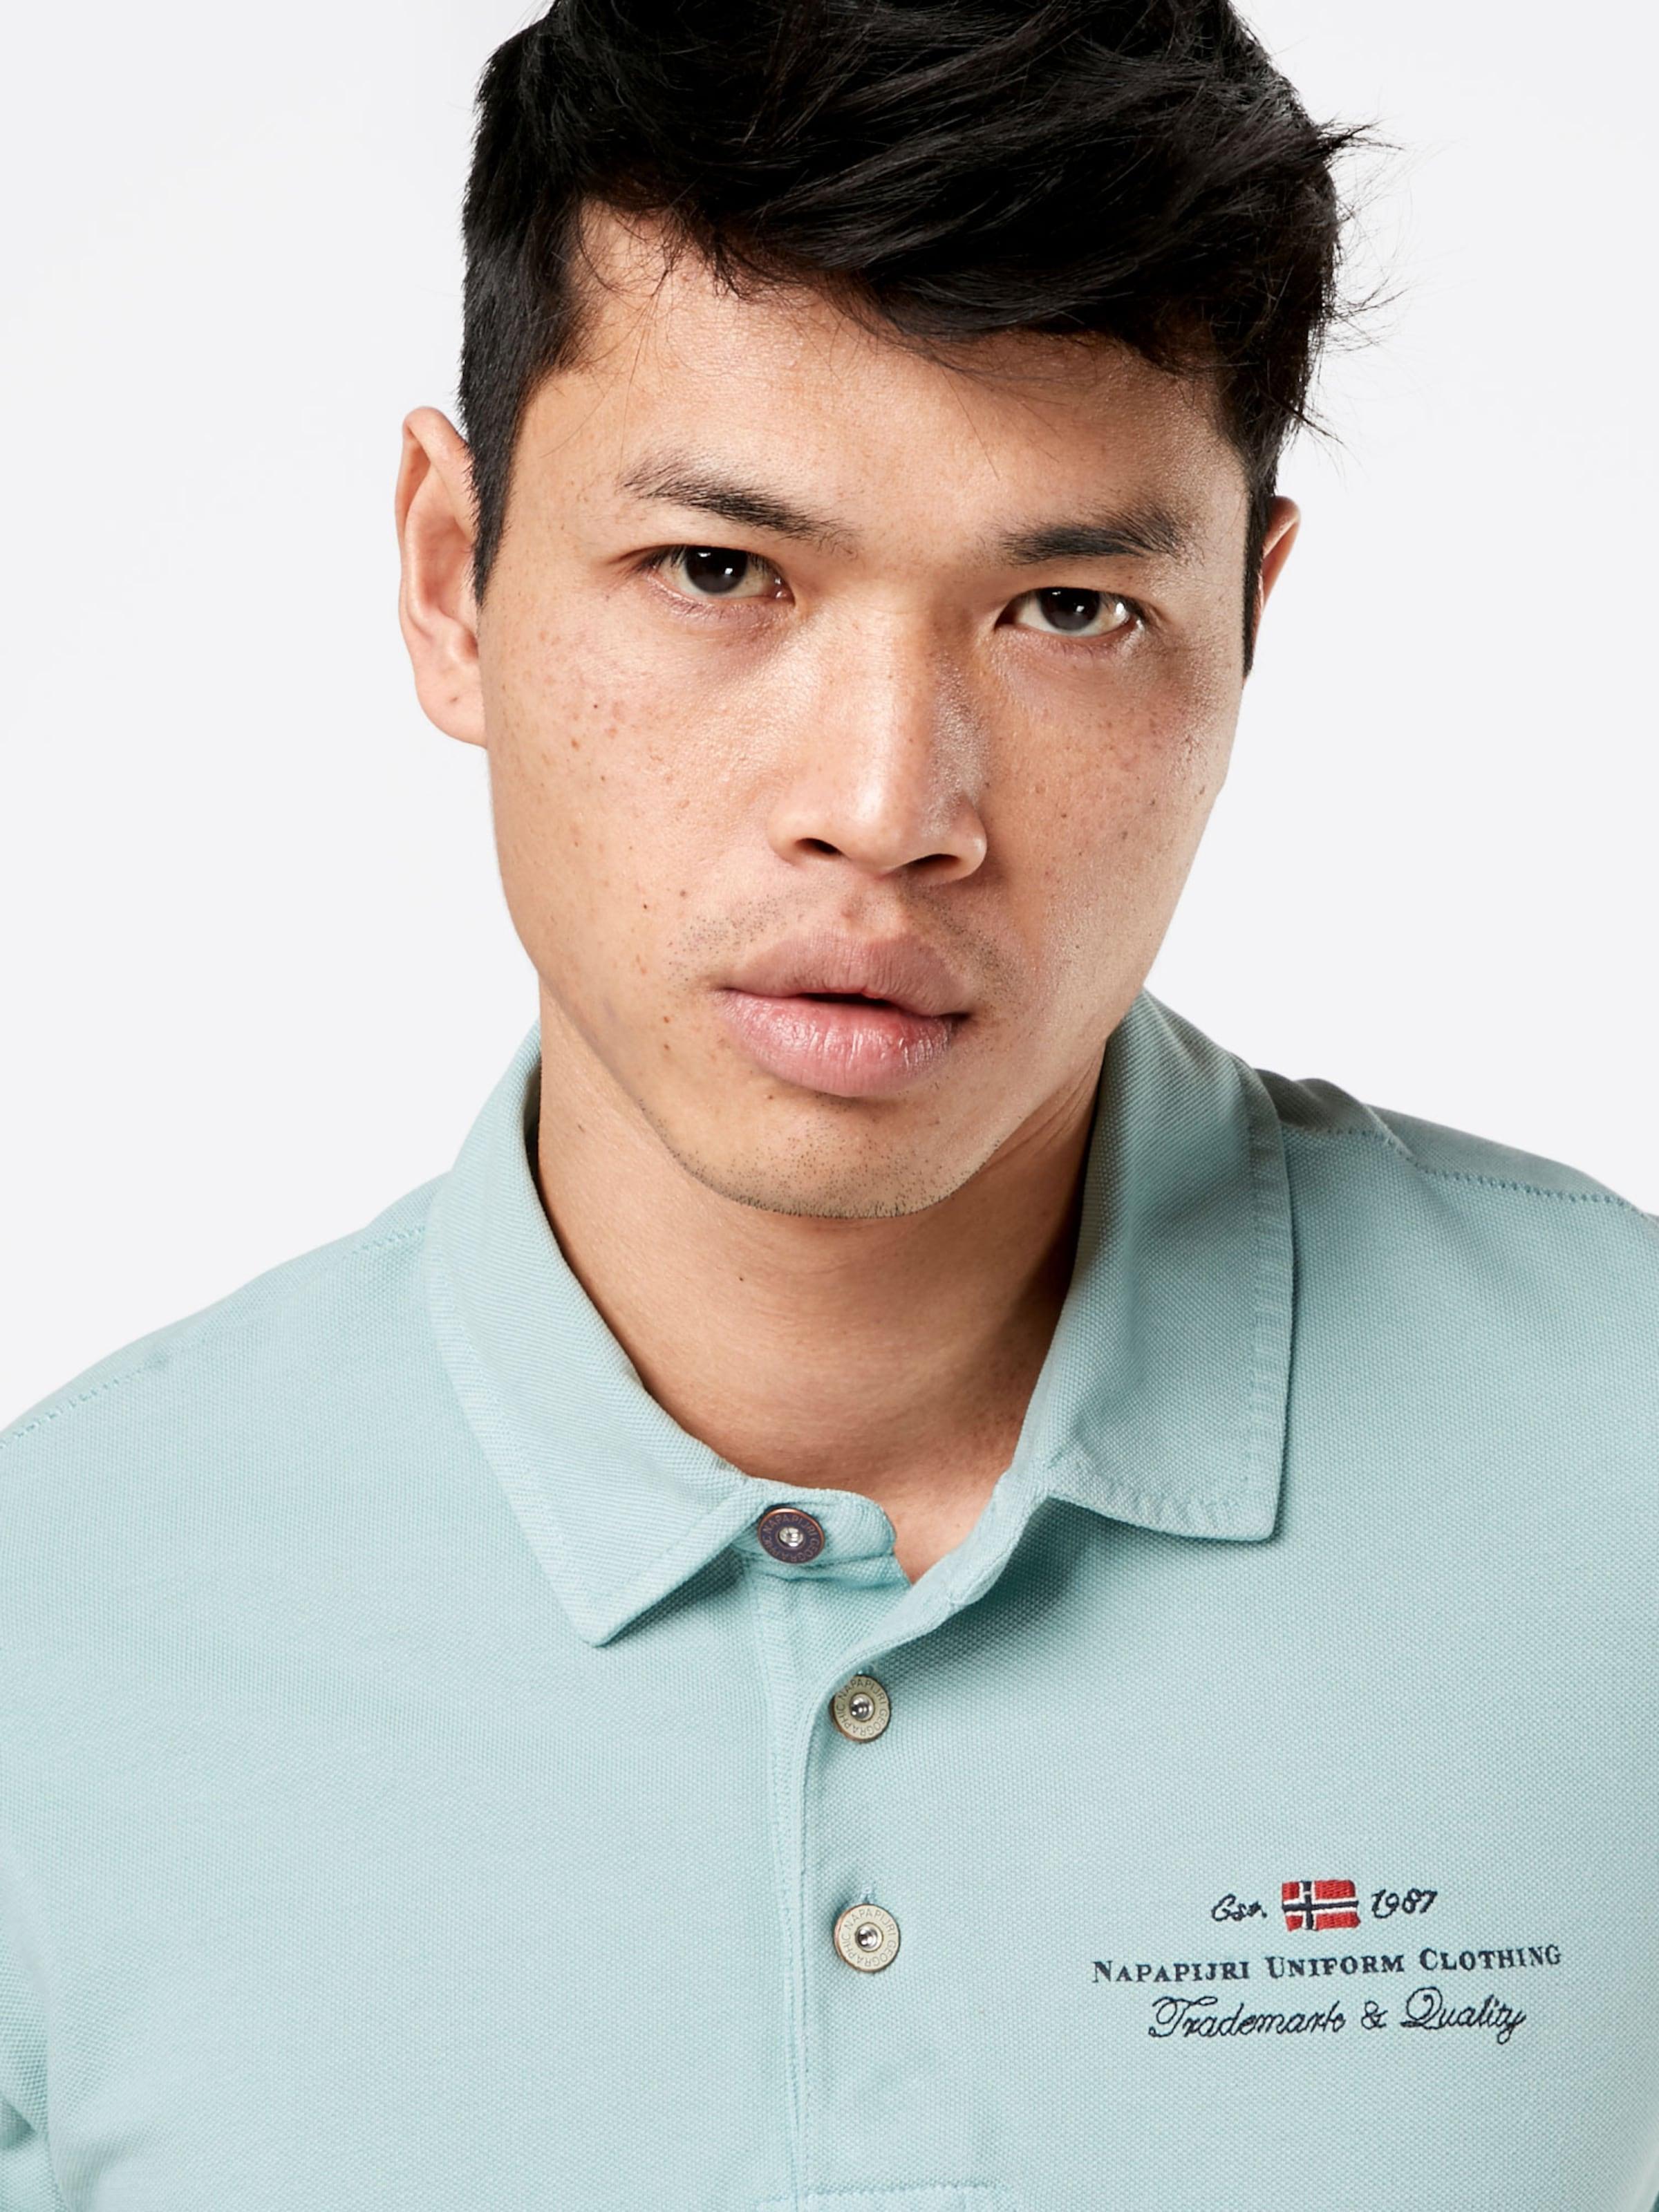 Lieferung Frei Haus Mit Kreditkarte Online-Verkauf NAPAPIJRI Casual Shirt Auslass Günstiger Preis Rabatt Schnelle Lieferung Fyv8eRoGO